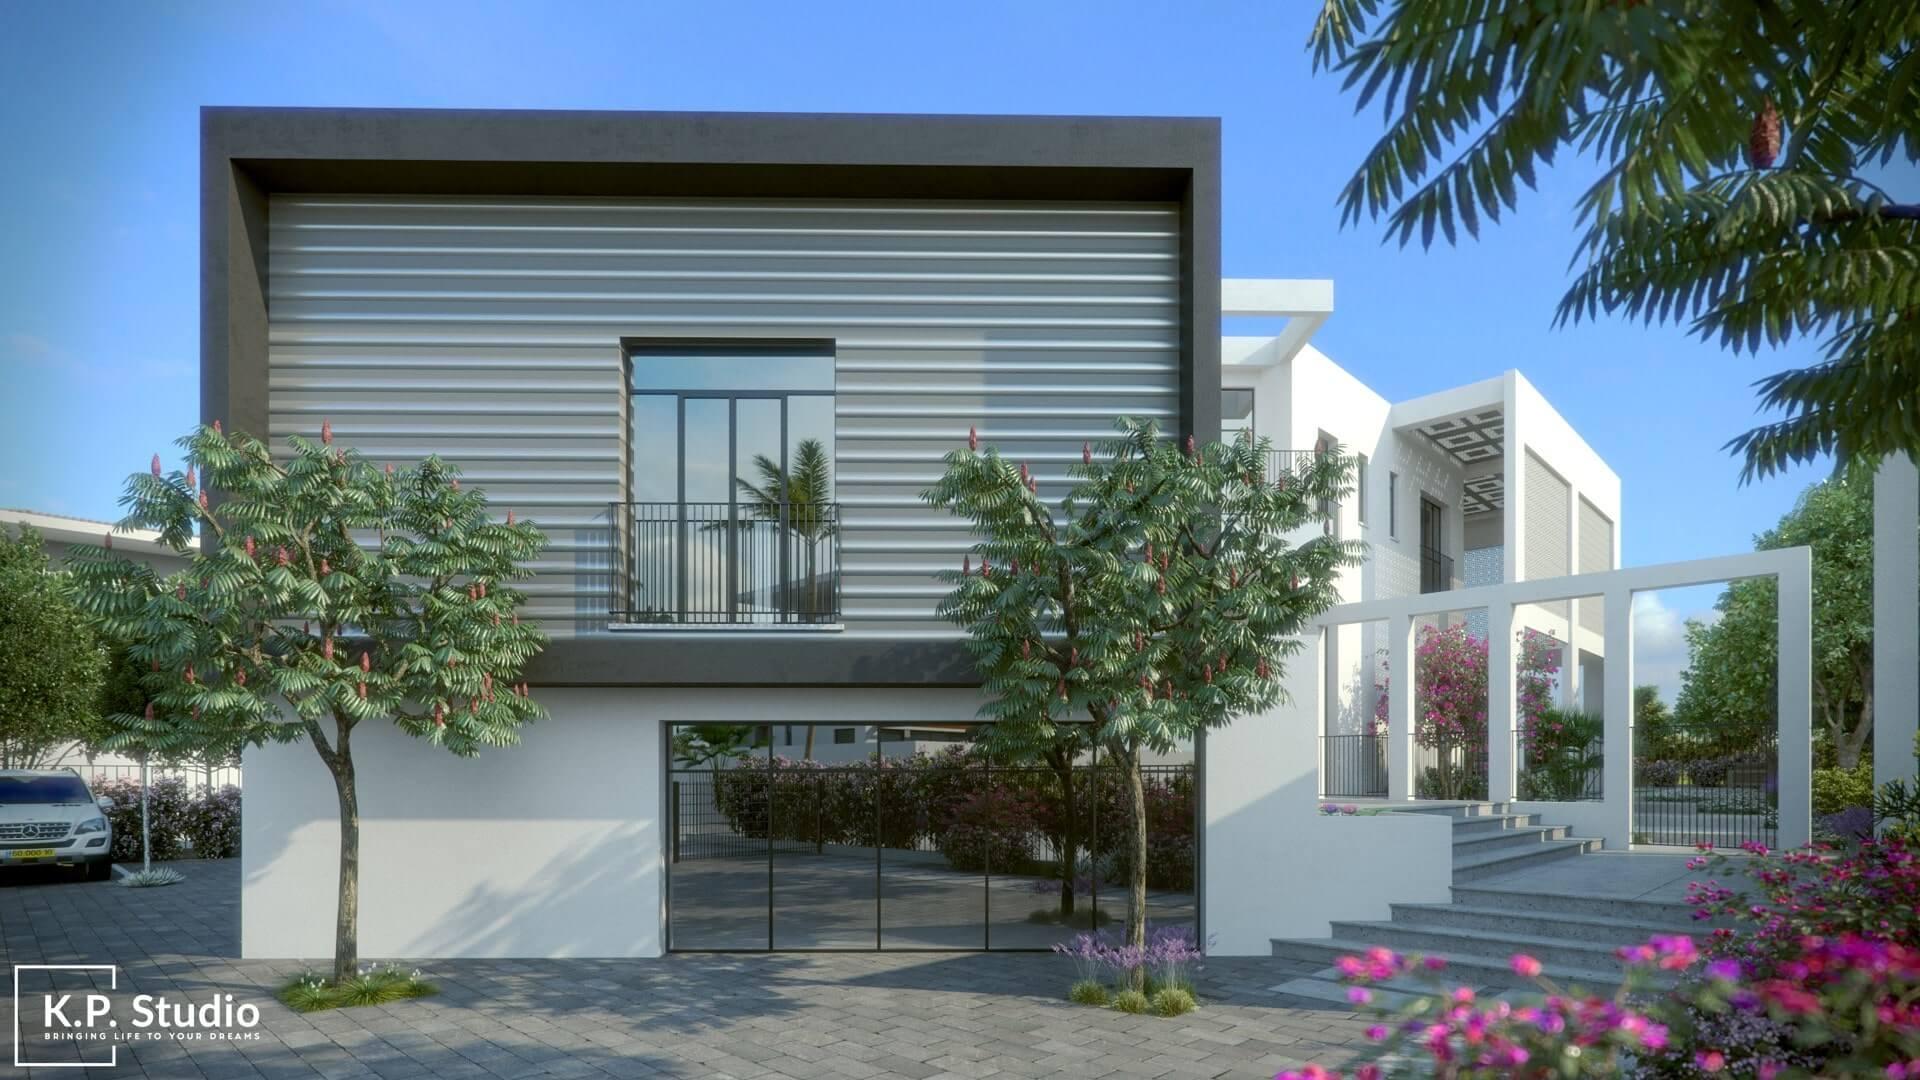 Private house - Avnun family 1